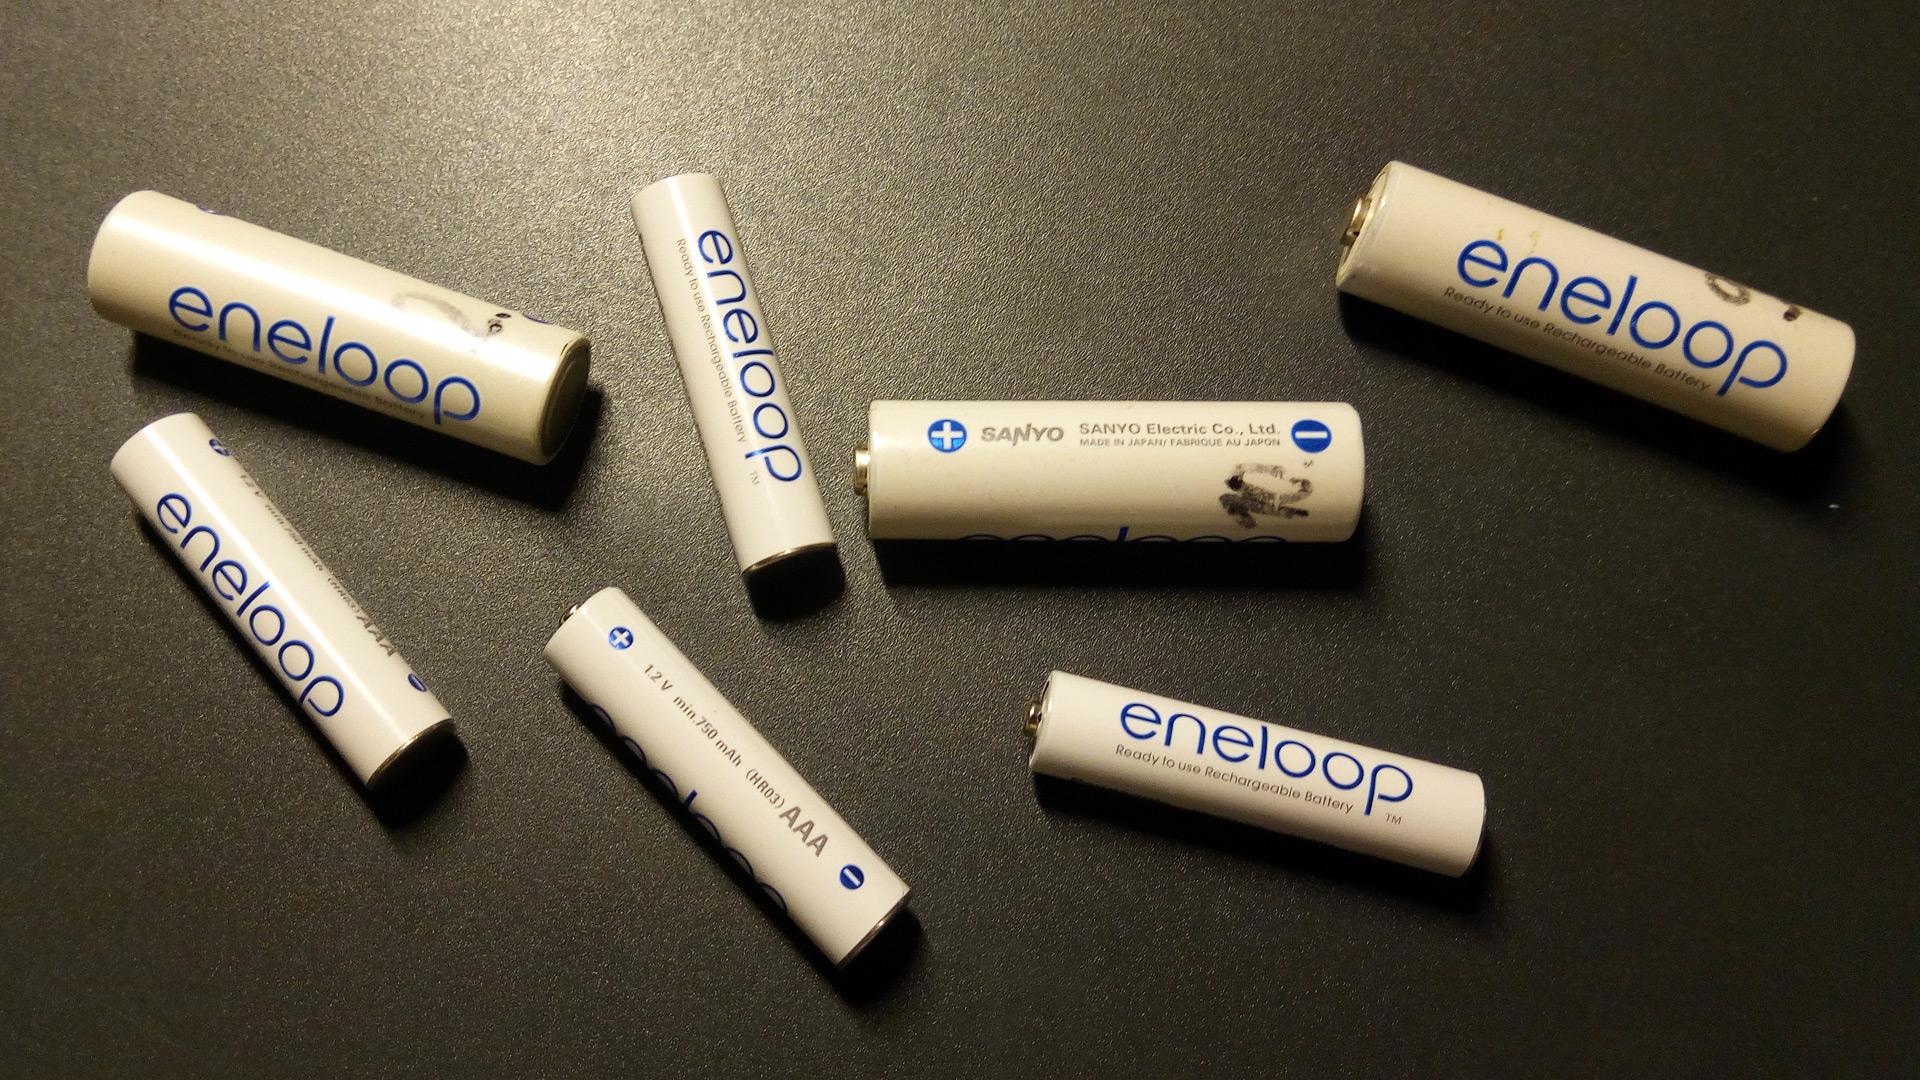 Die richtigen Batterien bzw. Akkus vom Typ Eneloop in der Werkstatt